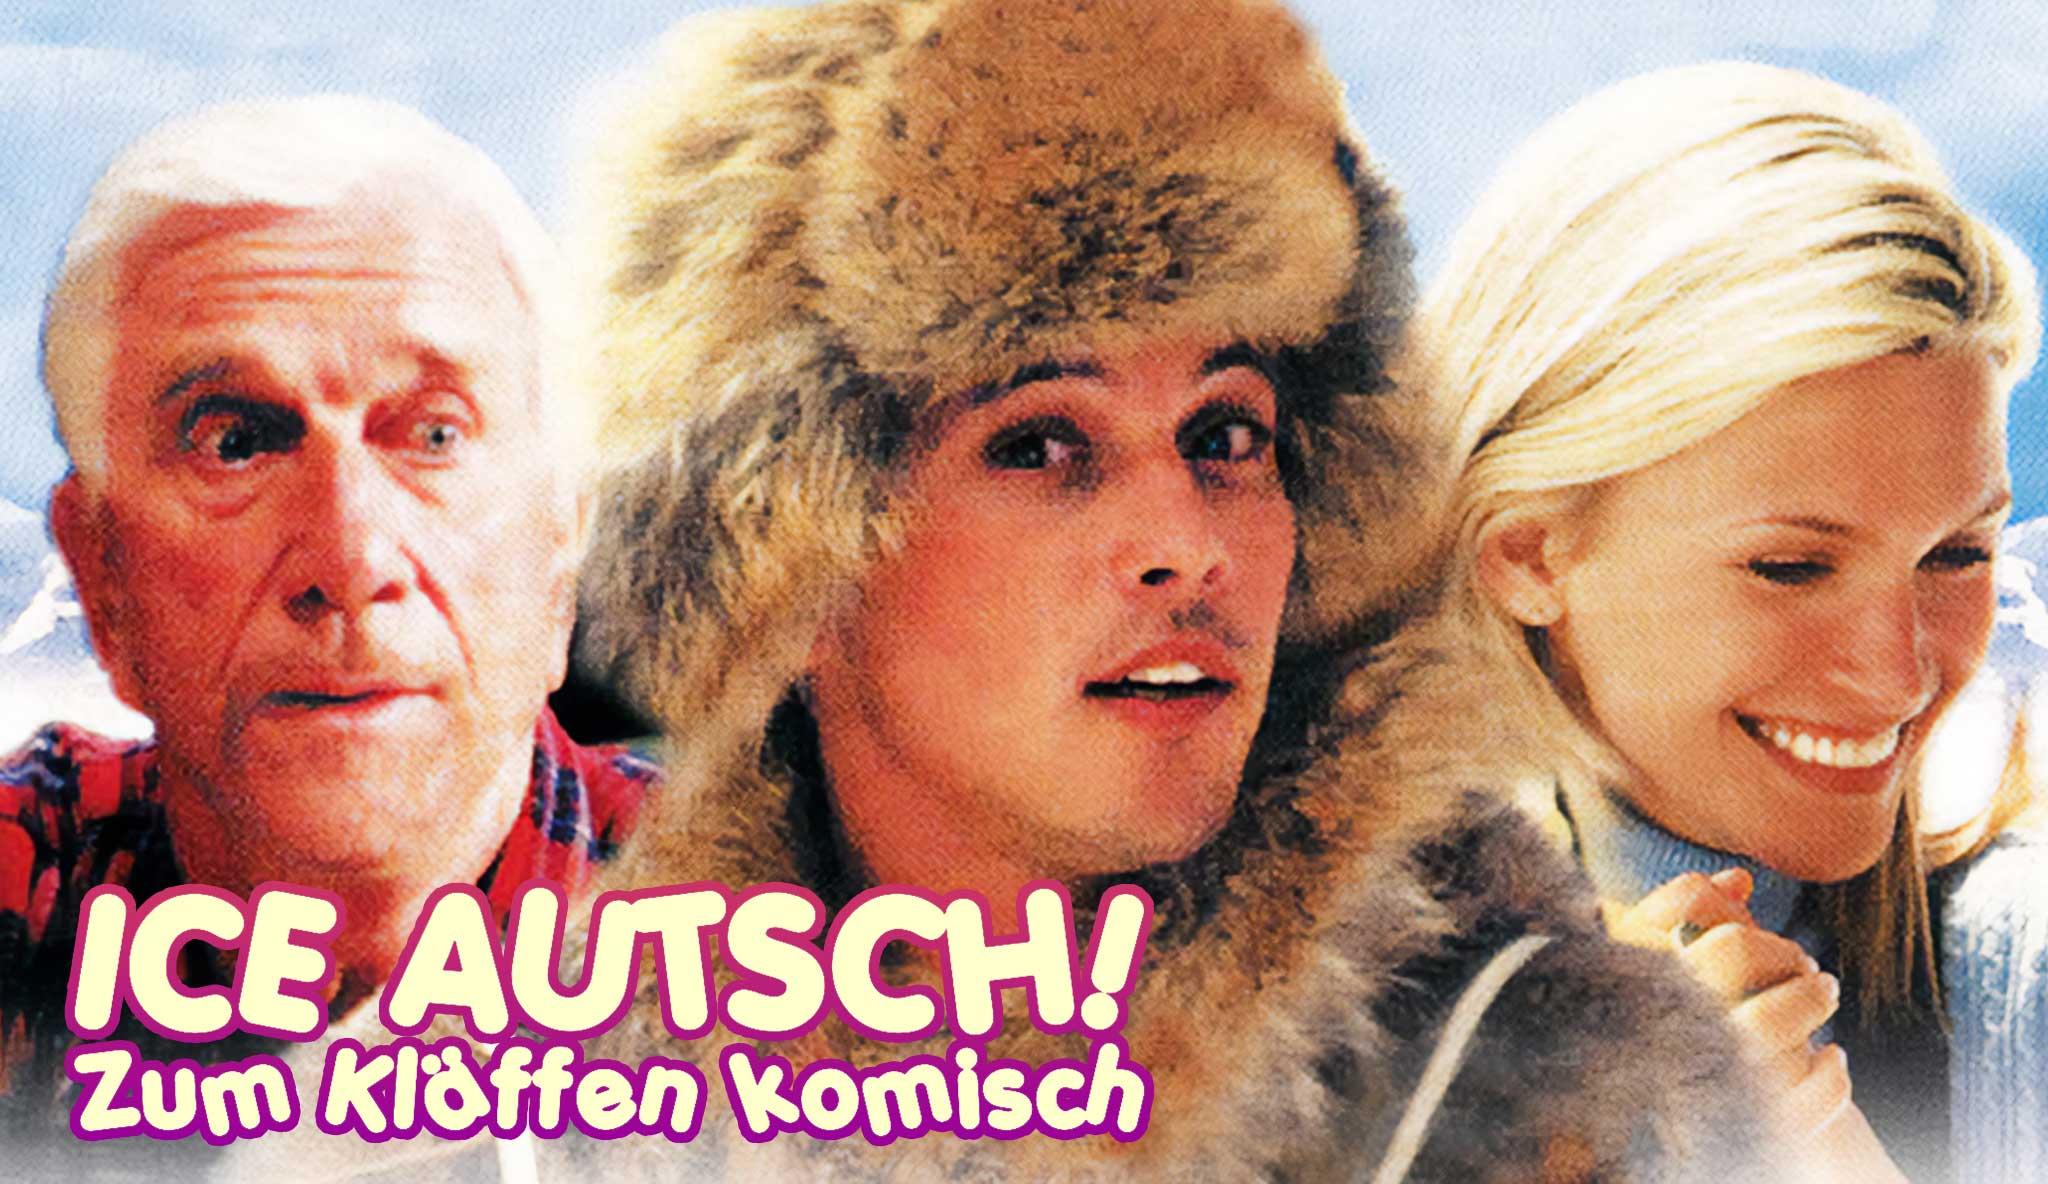 ice-autsch-zum-klaffen-komisch\header.jpg